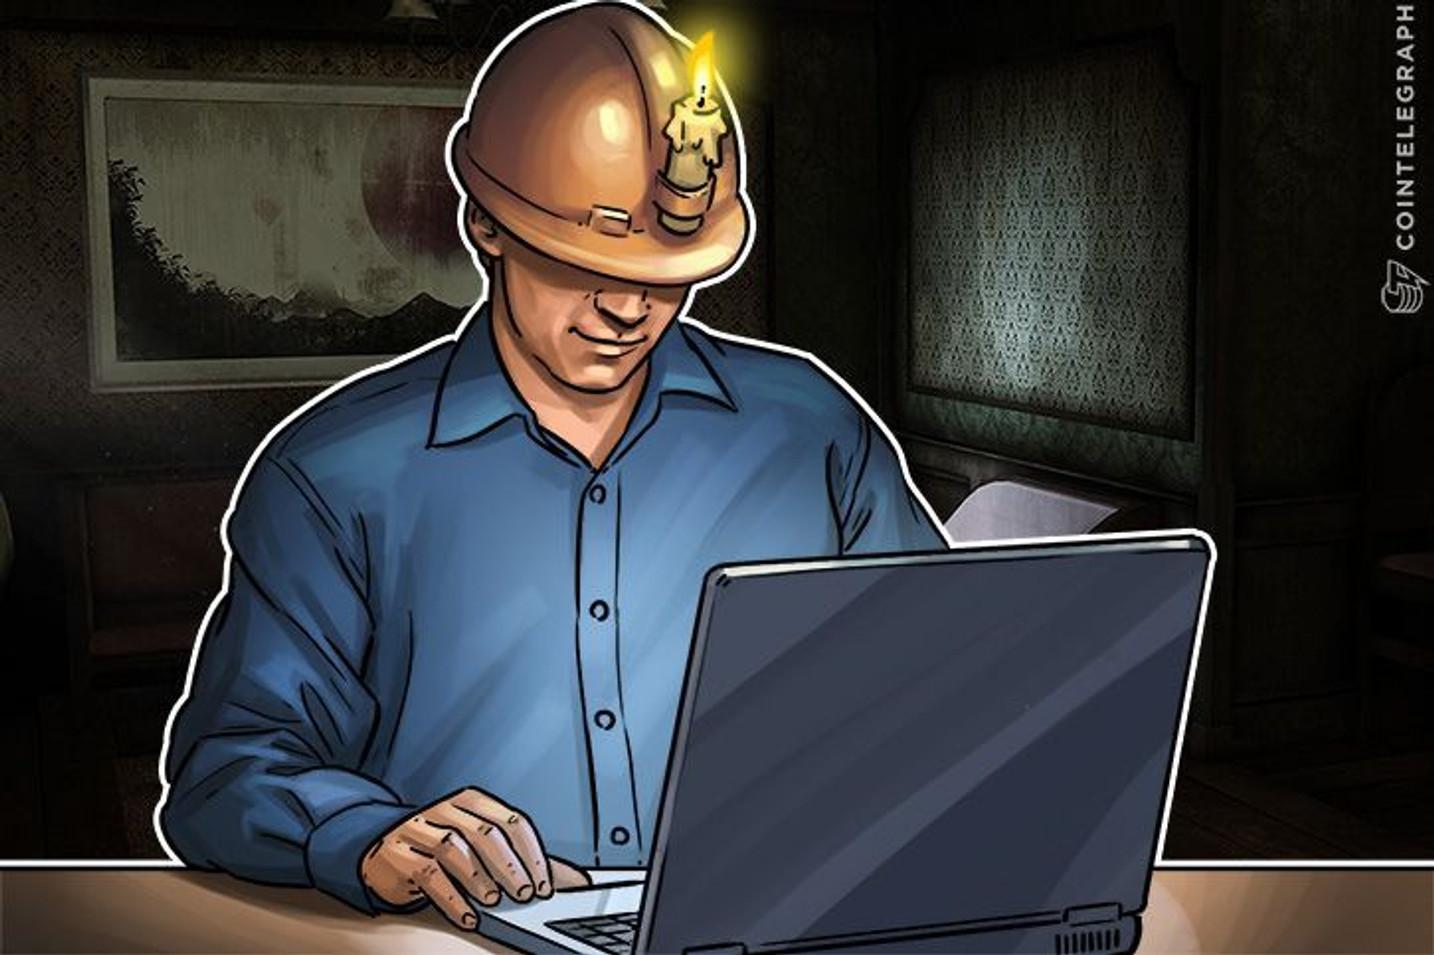 Los singapurenses recurren a la minería de Bitcoin, aumento fenomenal en la venta de plataformas mineras